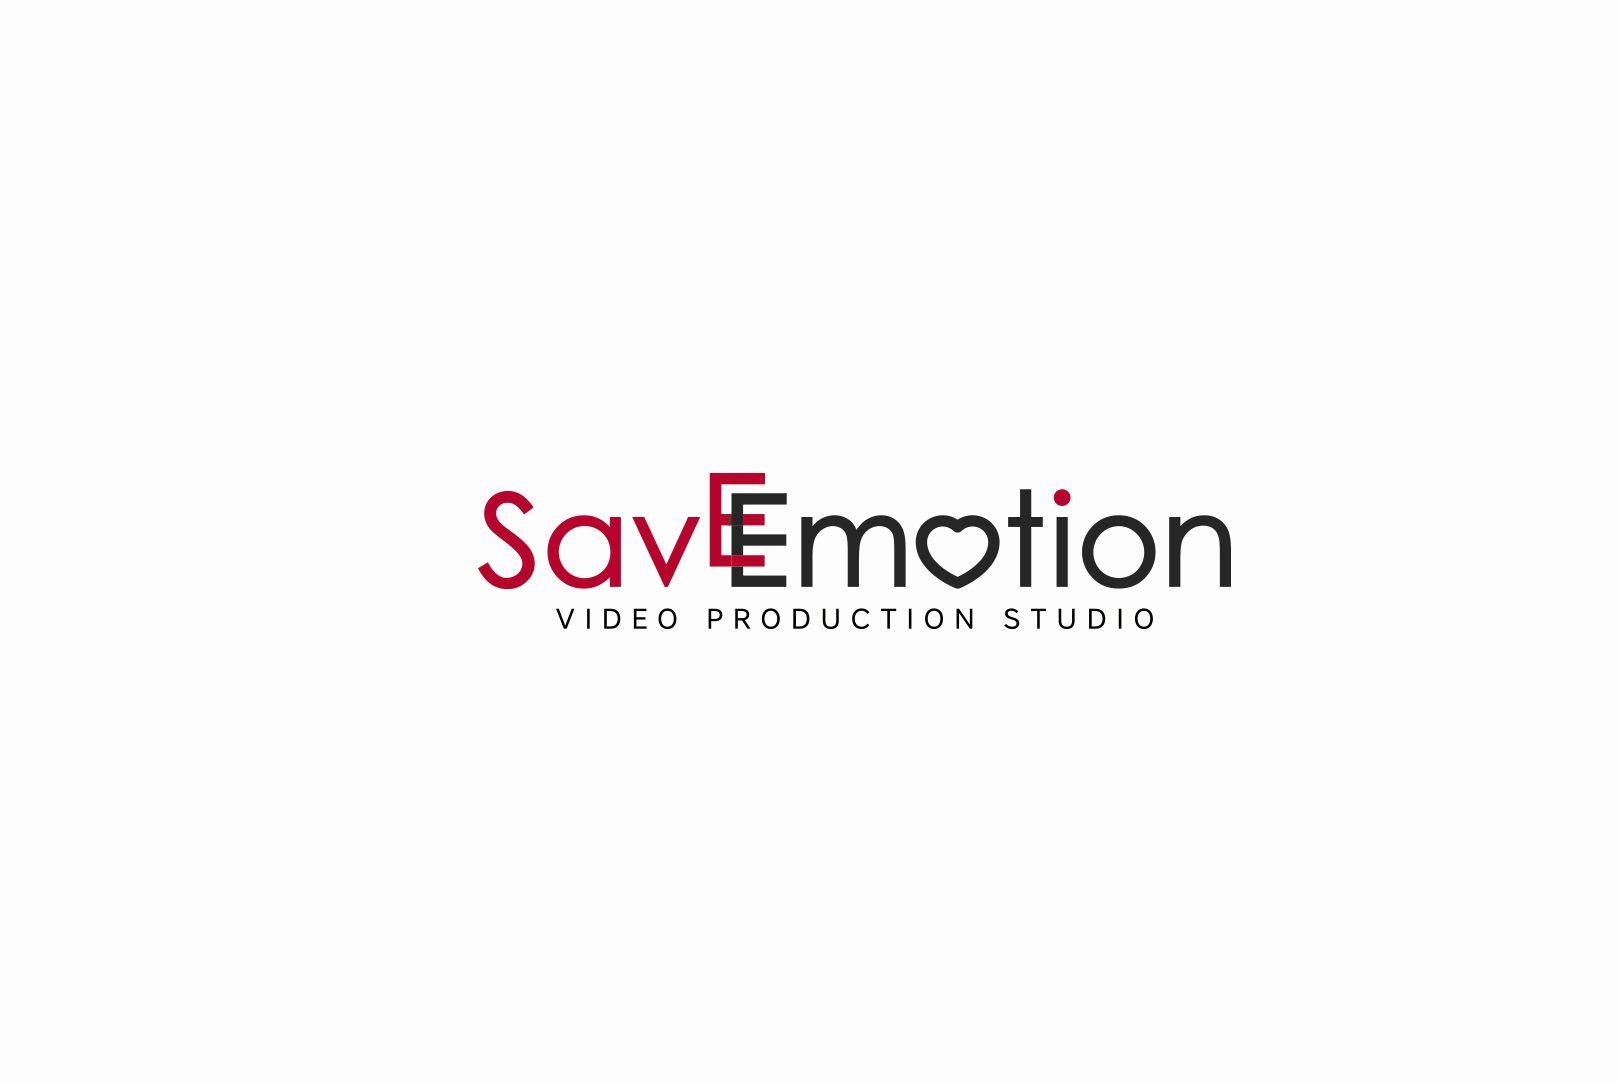 Логотип для фото и видео студии - дизайнер U4po4mak